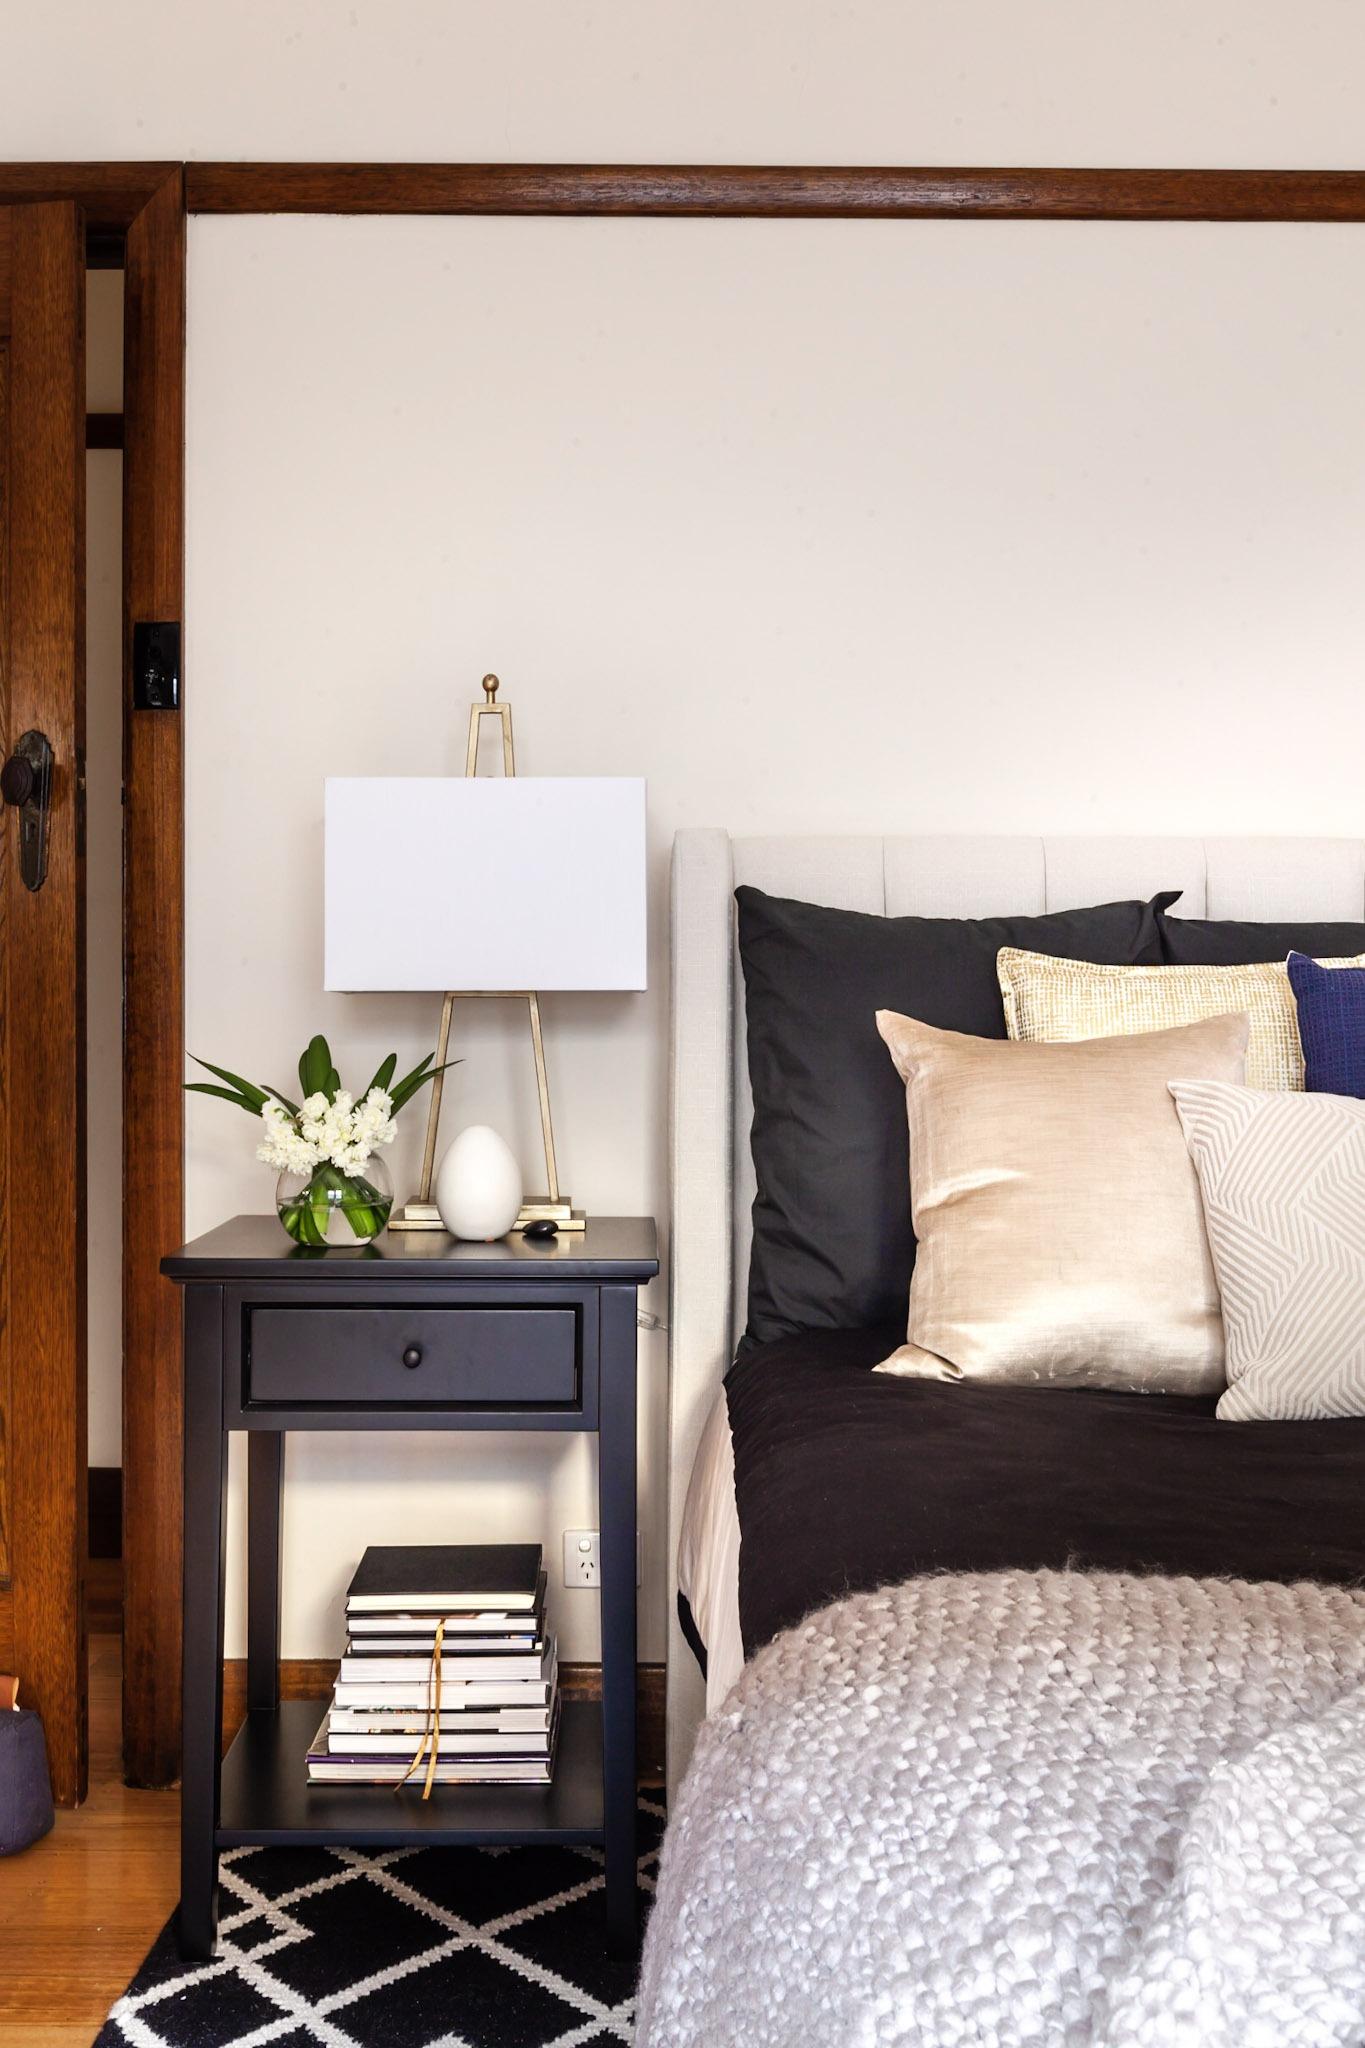 coburg bedroom 3-20180628-_MG_1970